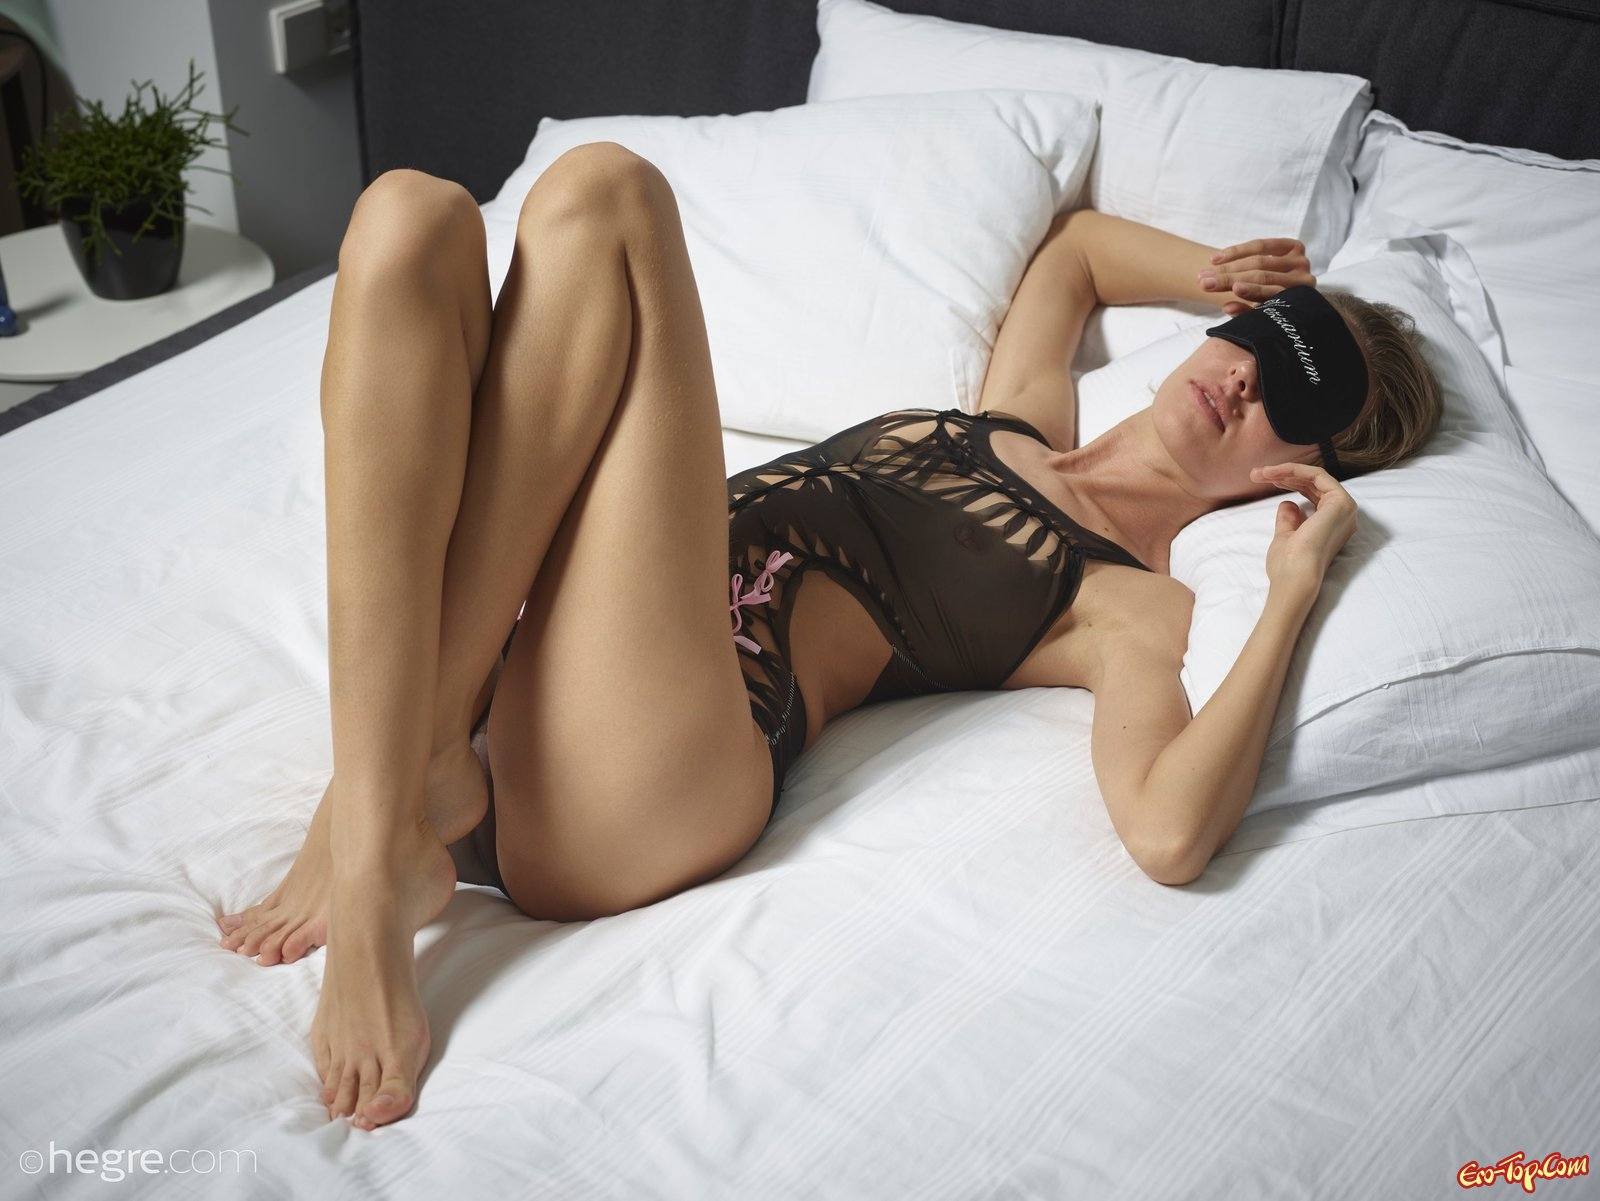 Худая мадам в эротическом белье фотографируется на лежанке